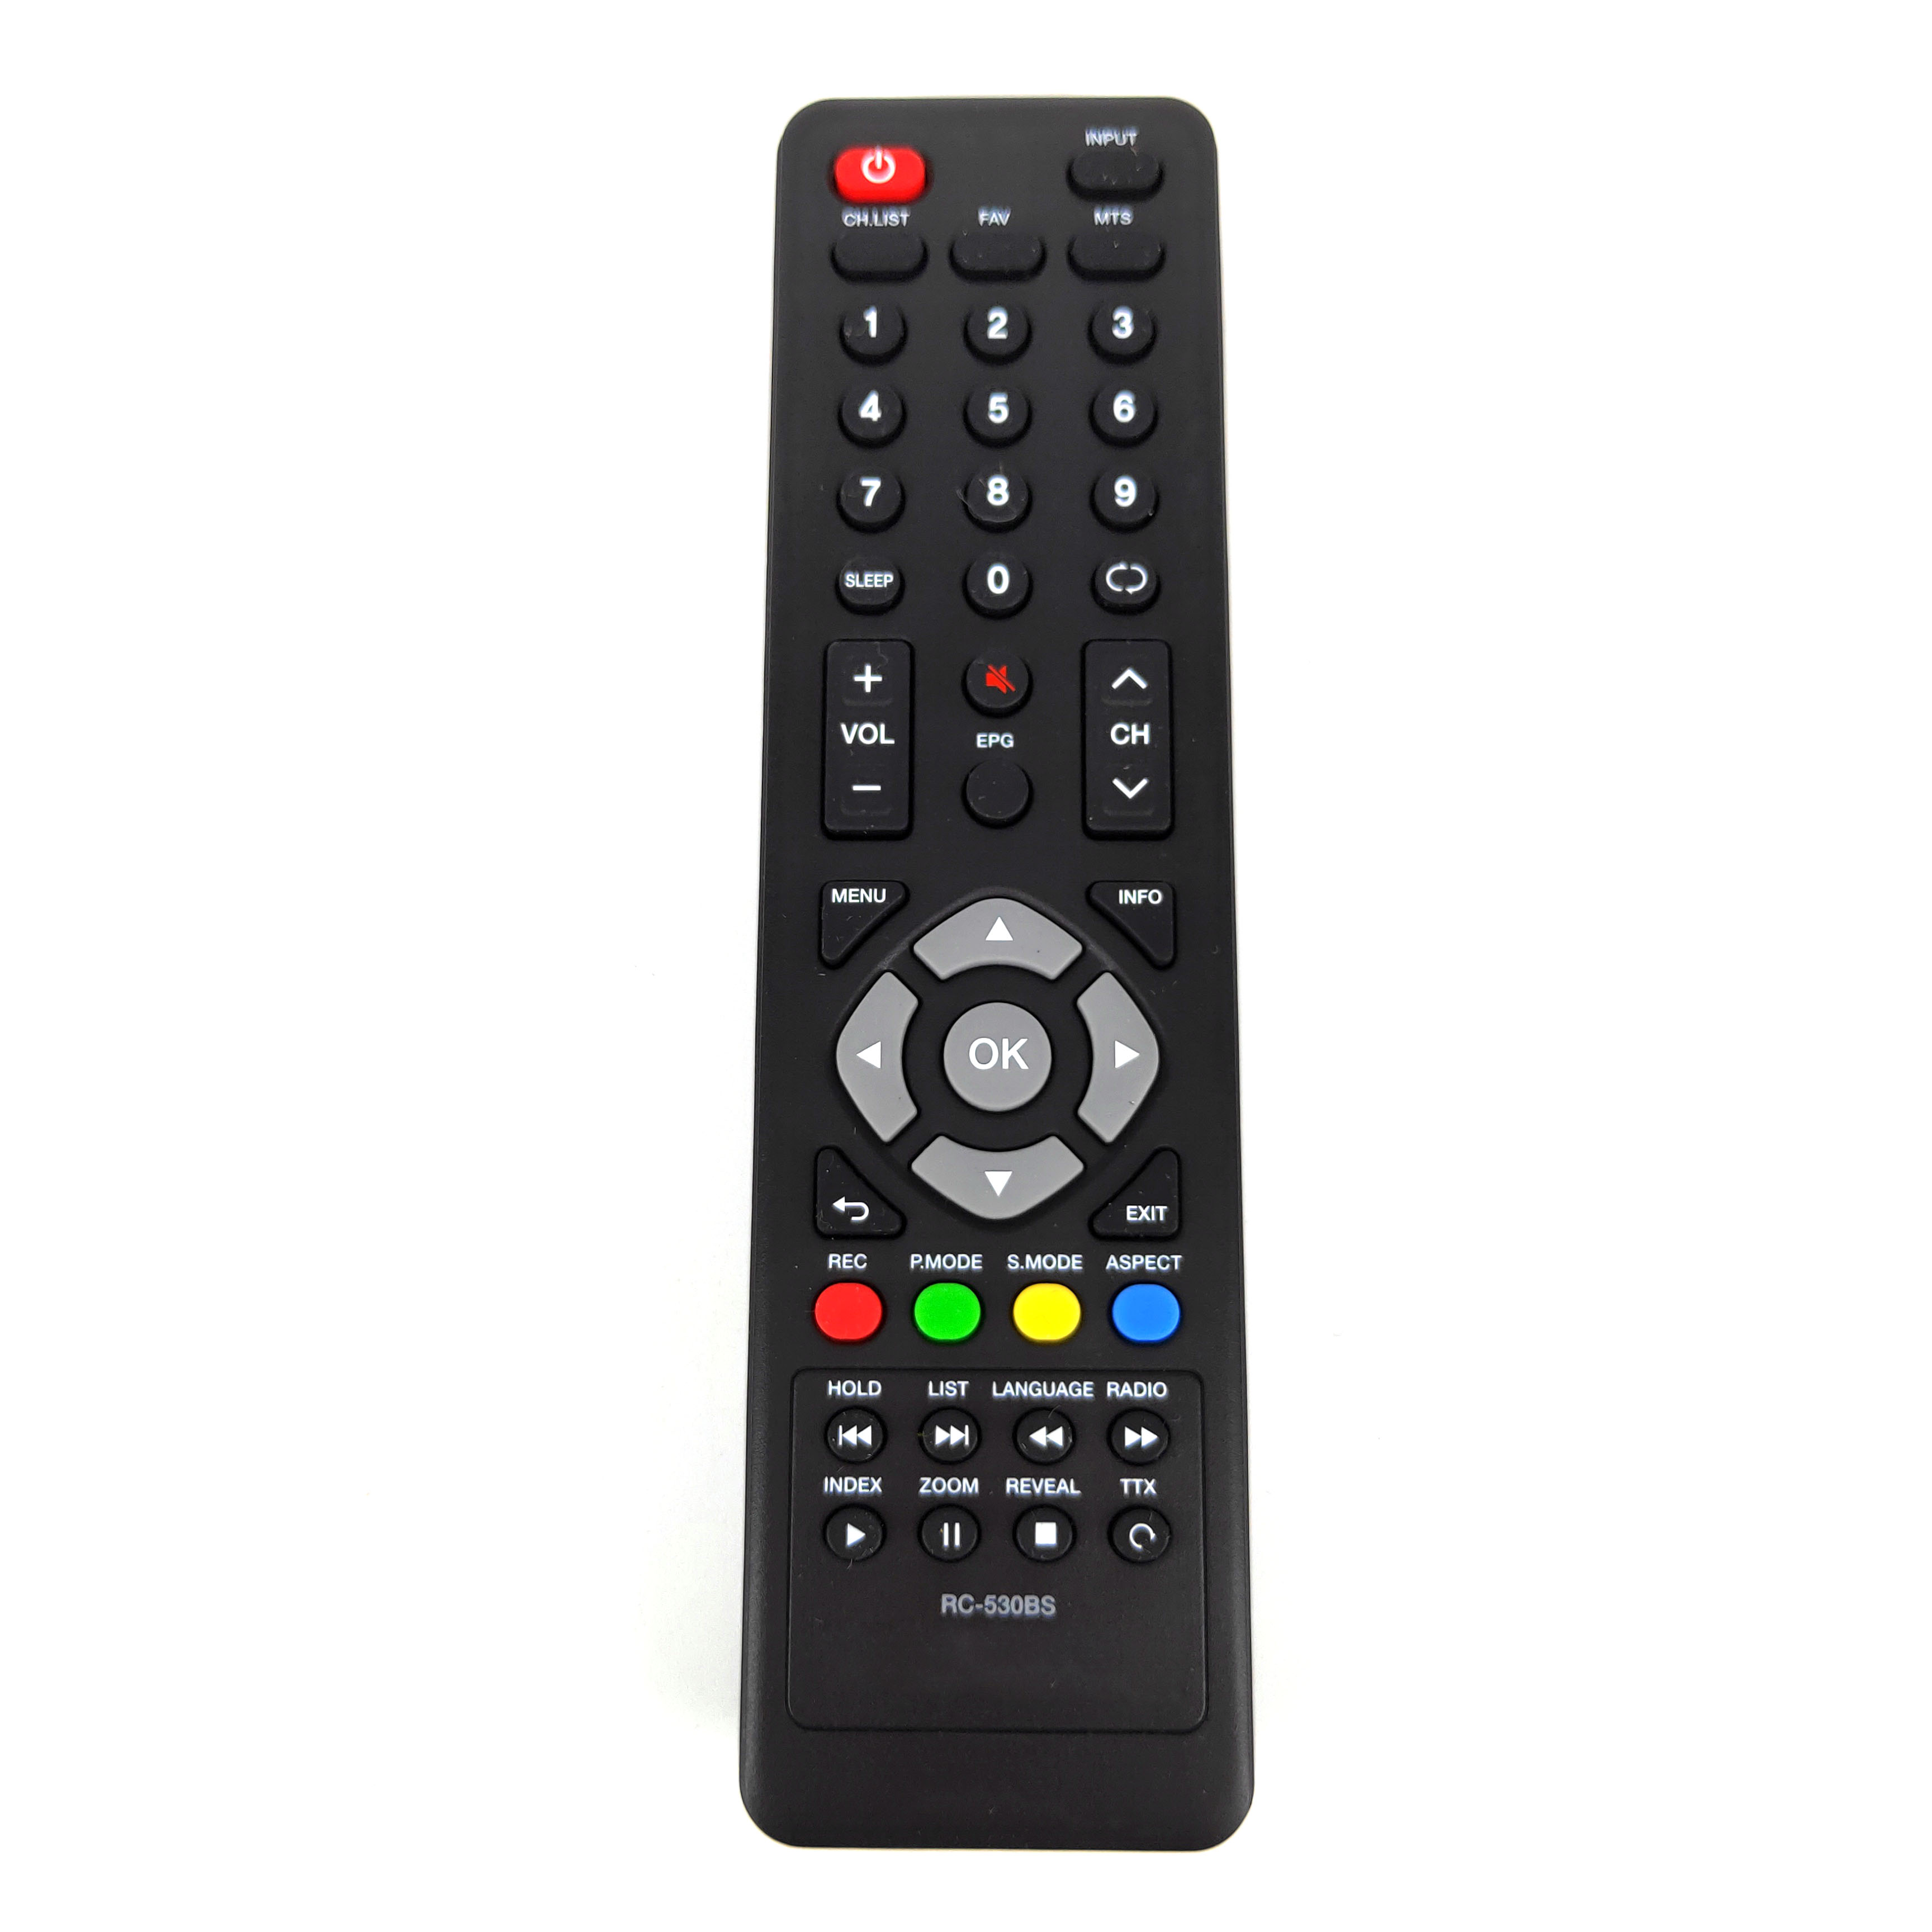 Nowy oryginalny dla obsługi Daewoo LCD/LED TV pilot zdalnego sterowania RC-530BS dla L49S650VHE L43T670VGE L43S650VHE L43S645VTE L40S645VTE L40R640VT